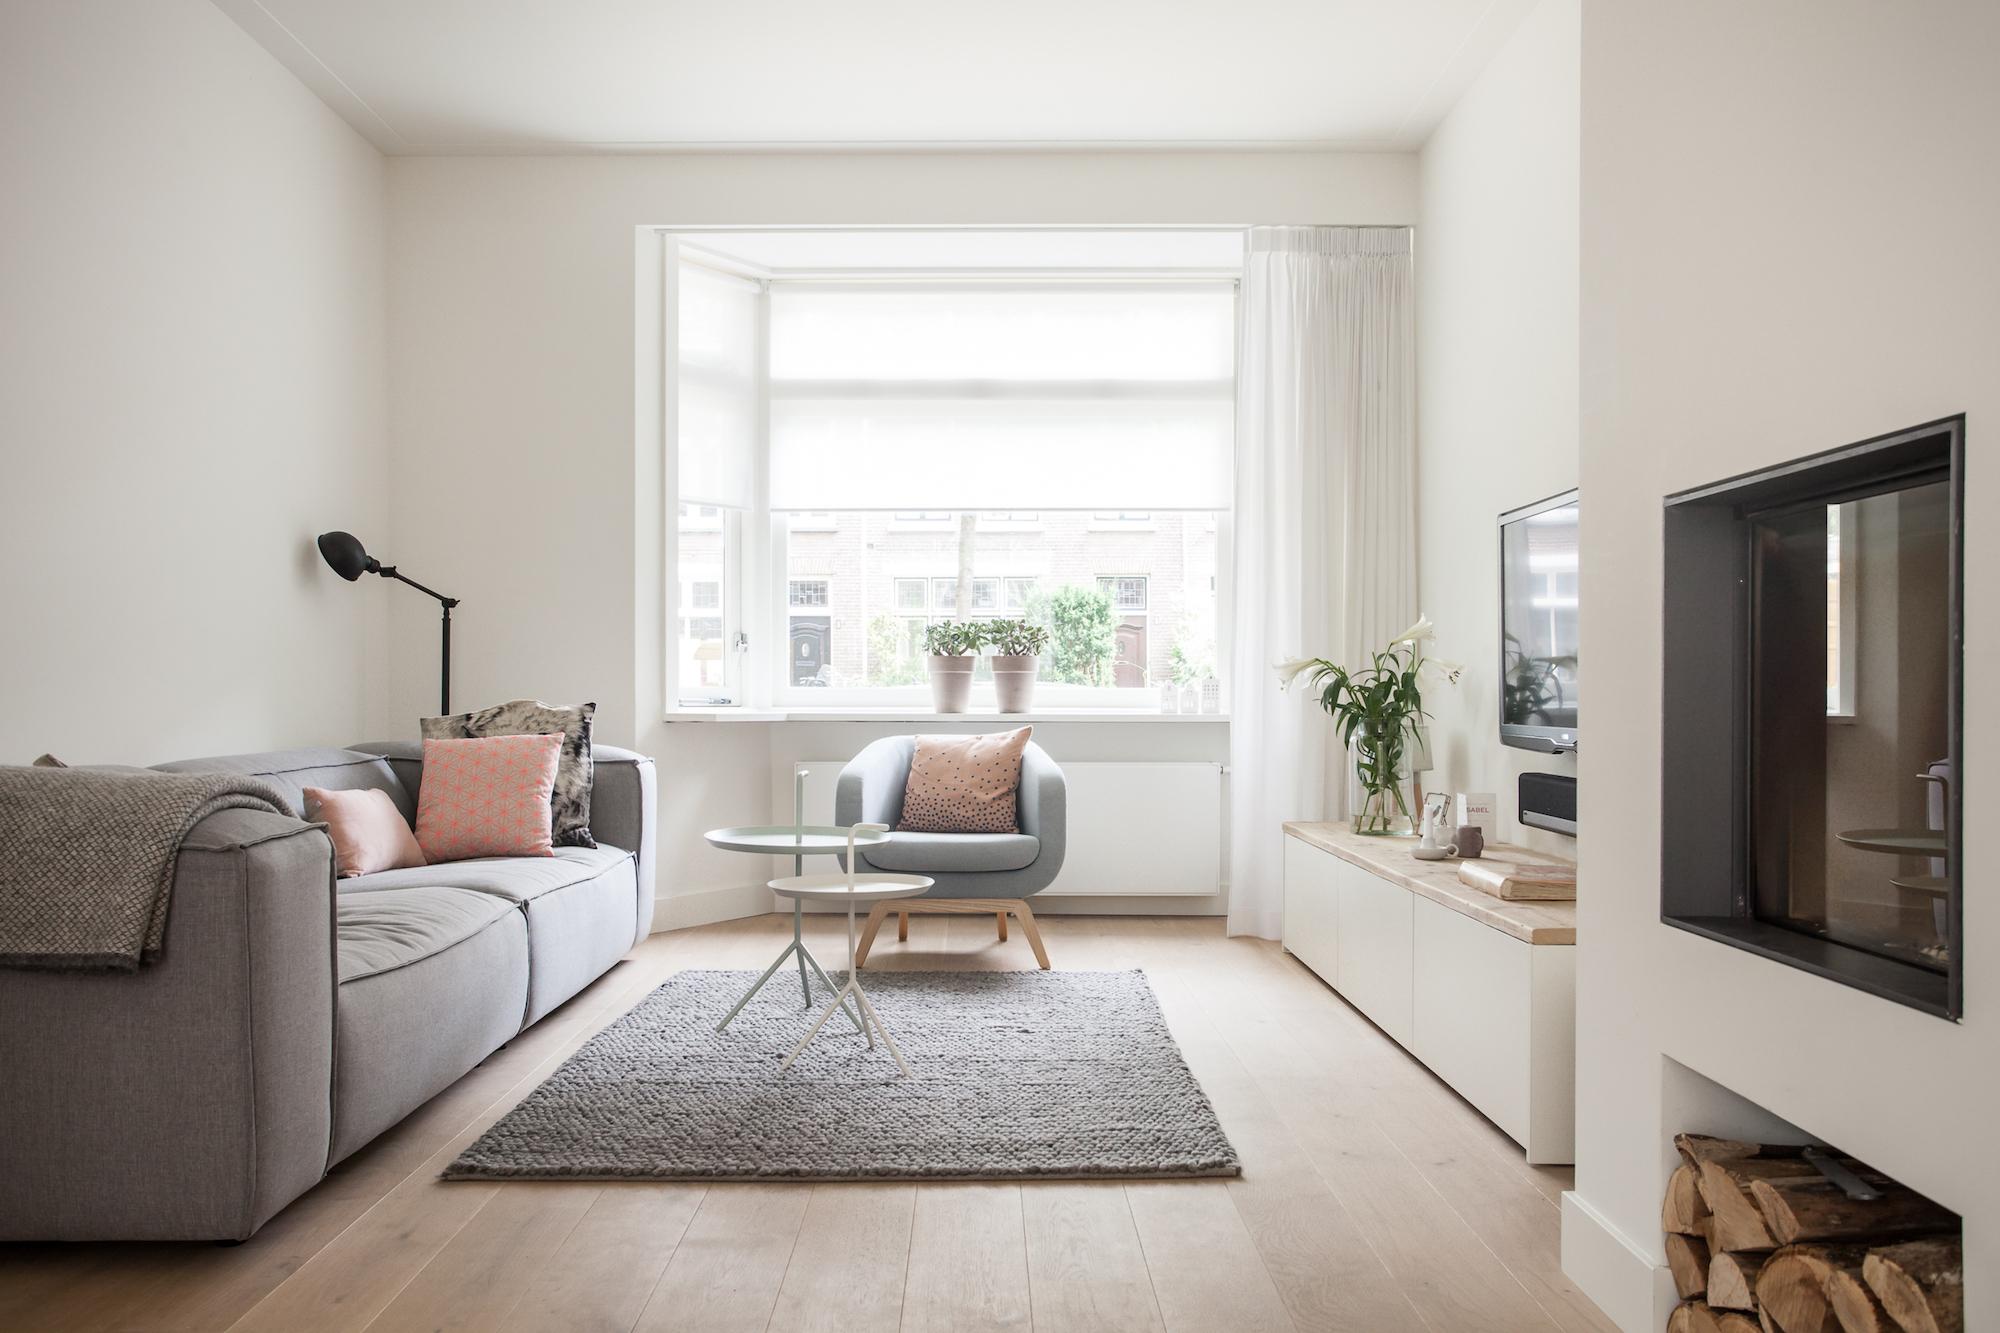 https://bobromijnders.nl/wp-content/uploads/2016/10/Architect-Nijmegen-interieur-verbouwing-woonkamer-4.jpg